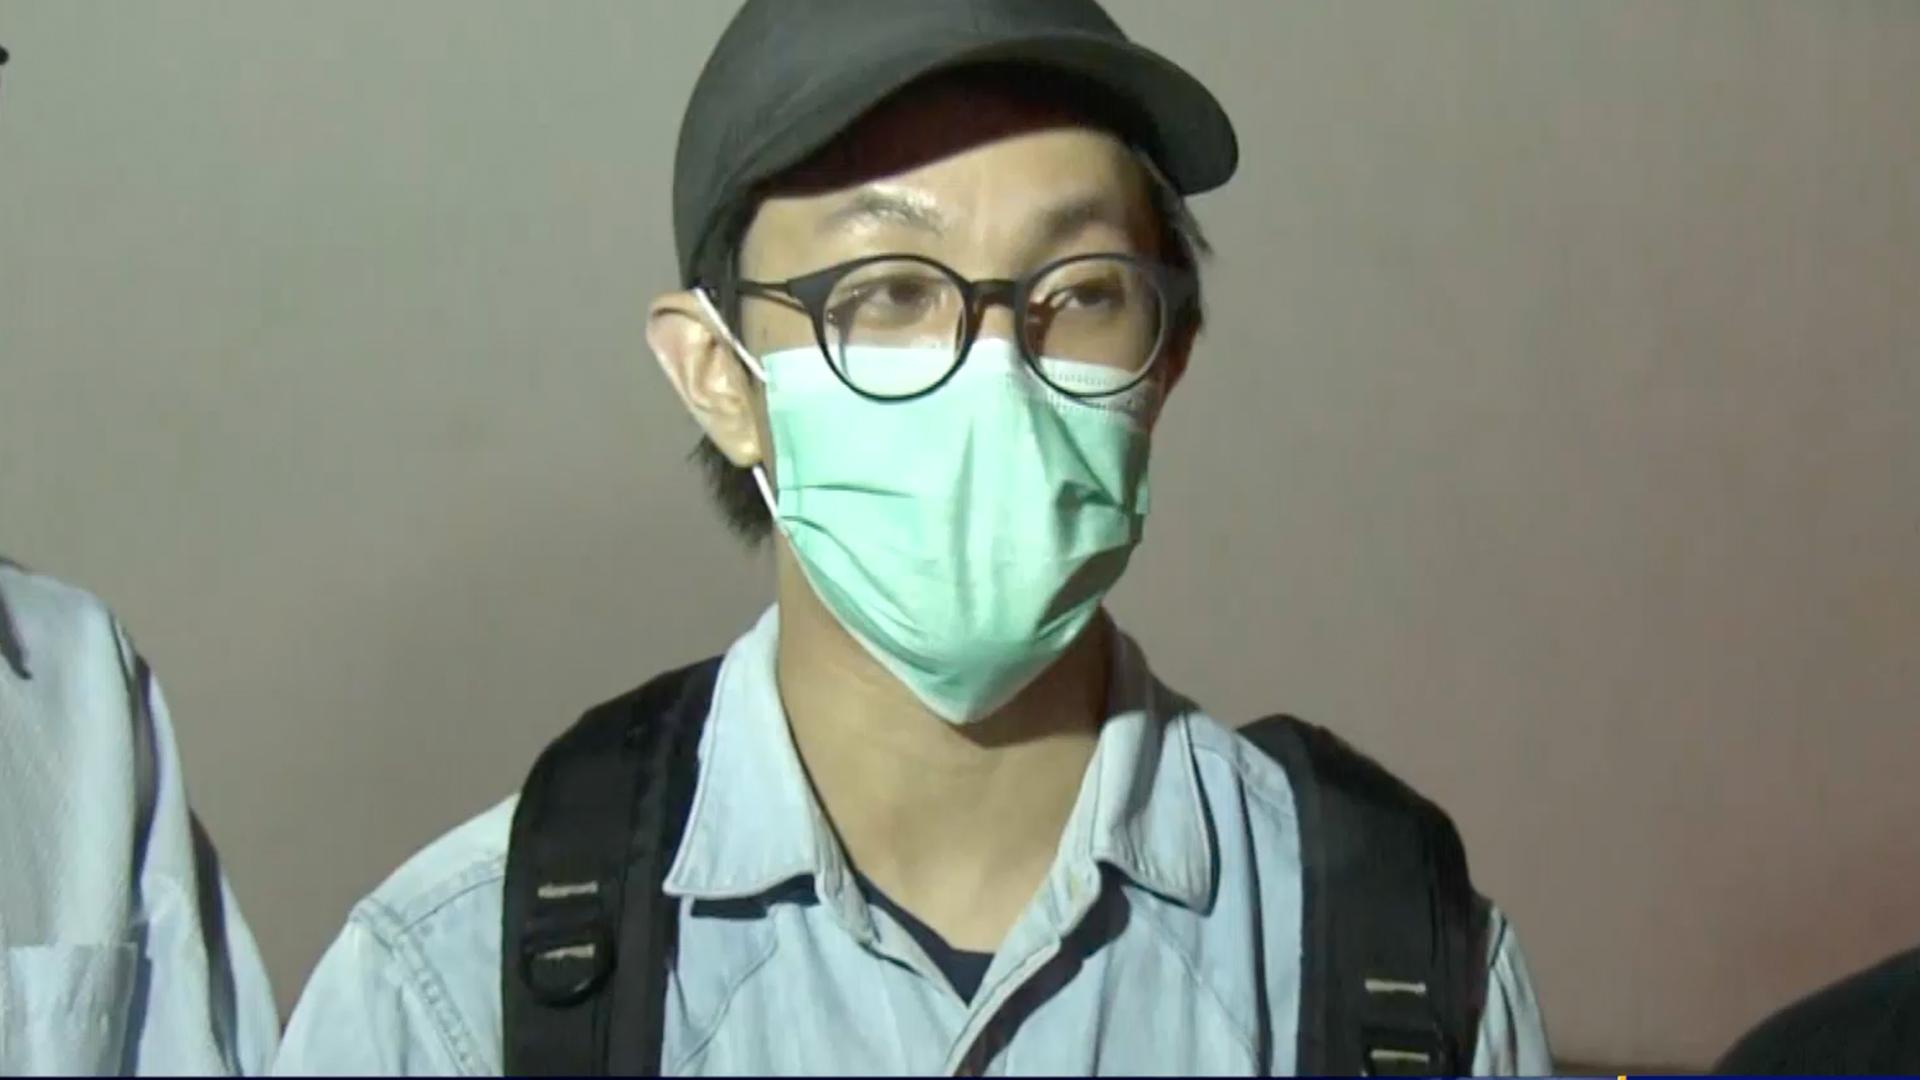 柴灣區議員及助理拍攝非法聚賭遇襲送院